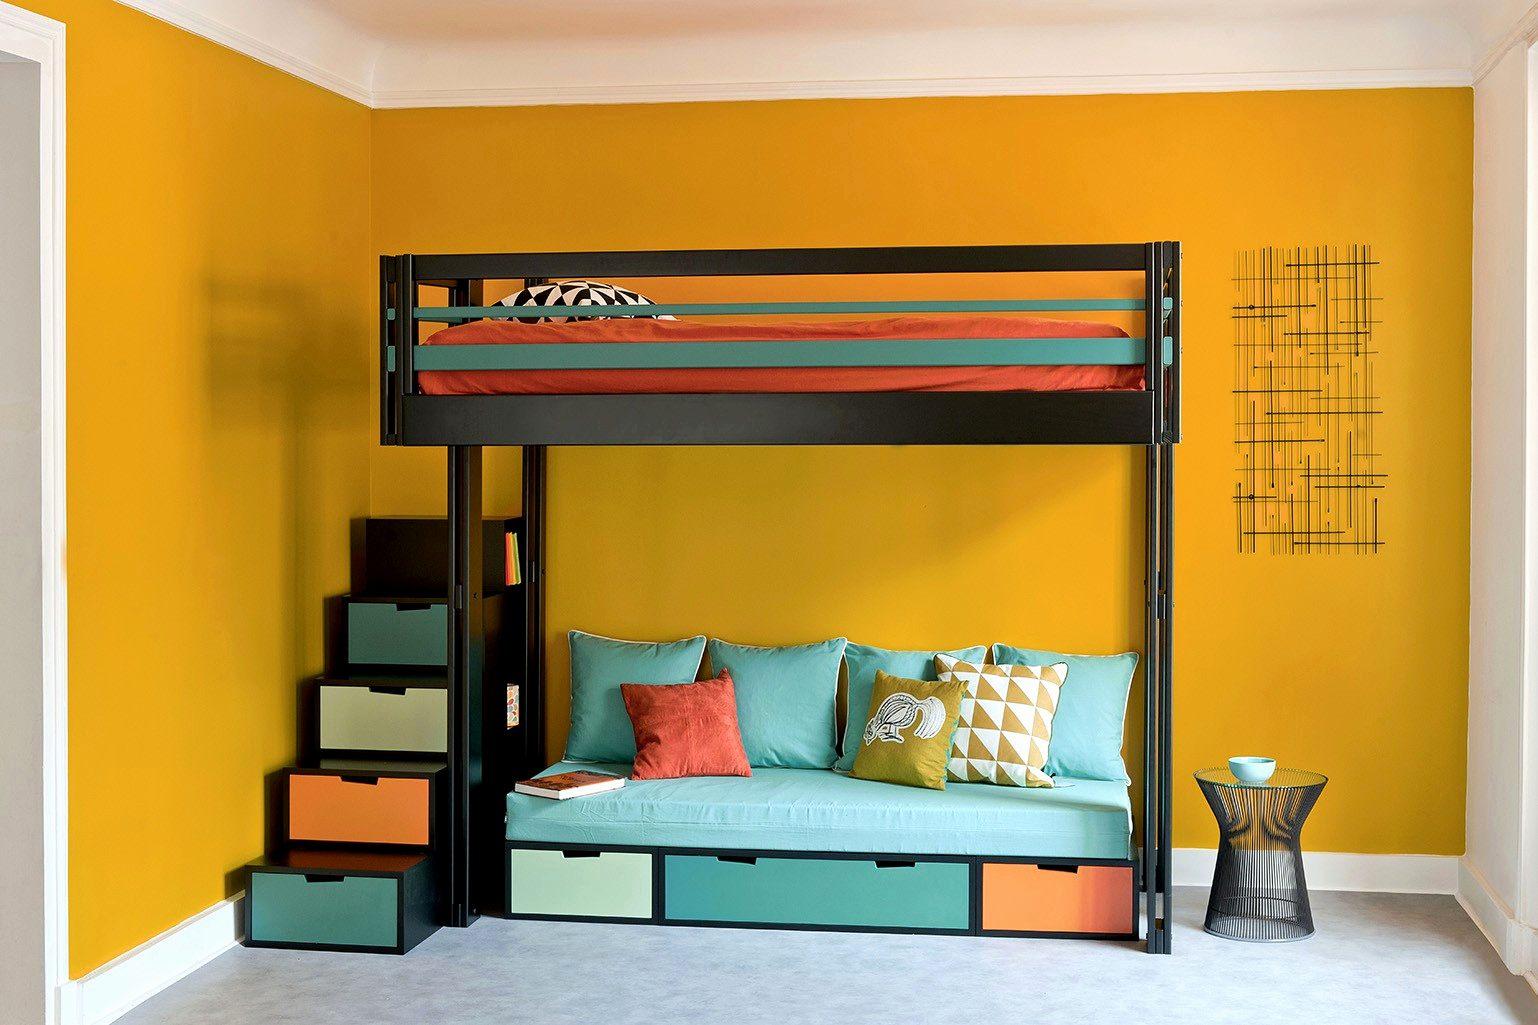 Ikea Lit Rangement Douce Escalier Avec Rangement Génial Ikea Bureau Etagere Bureau sous